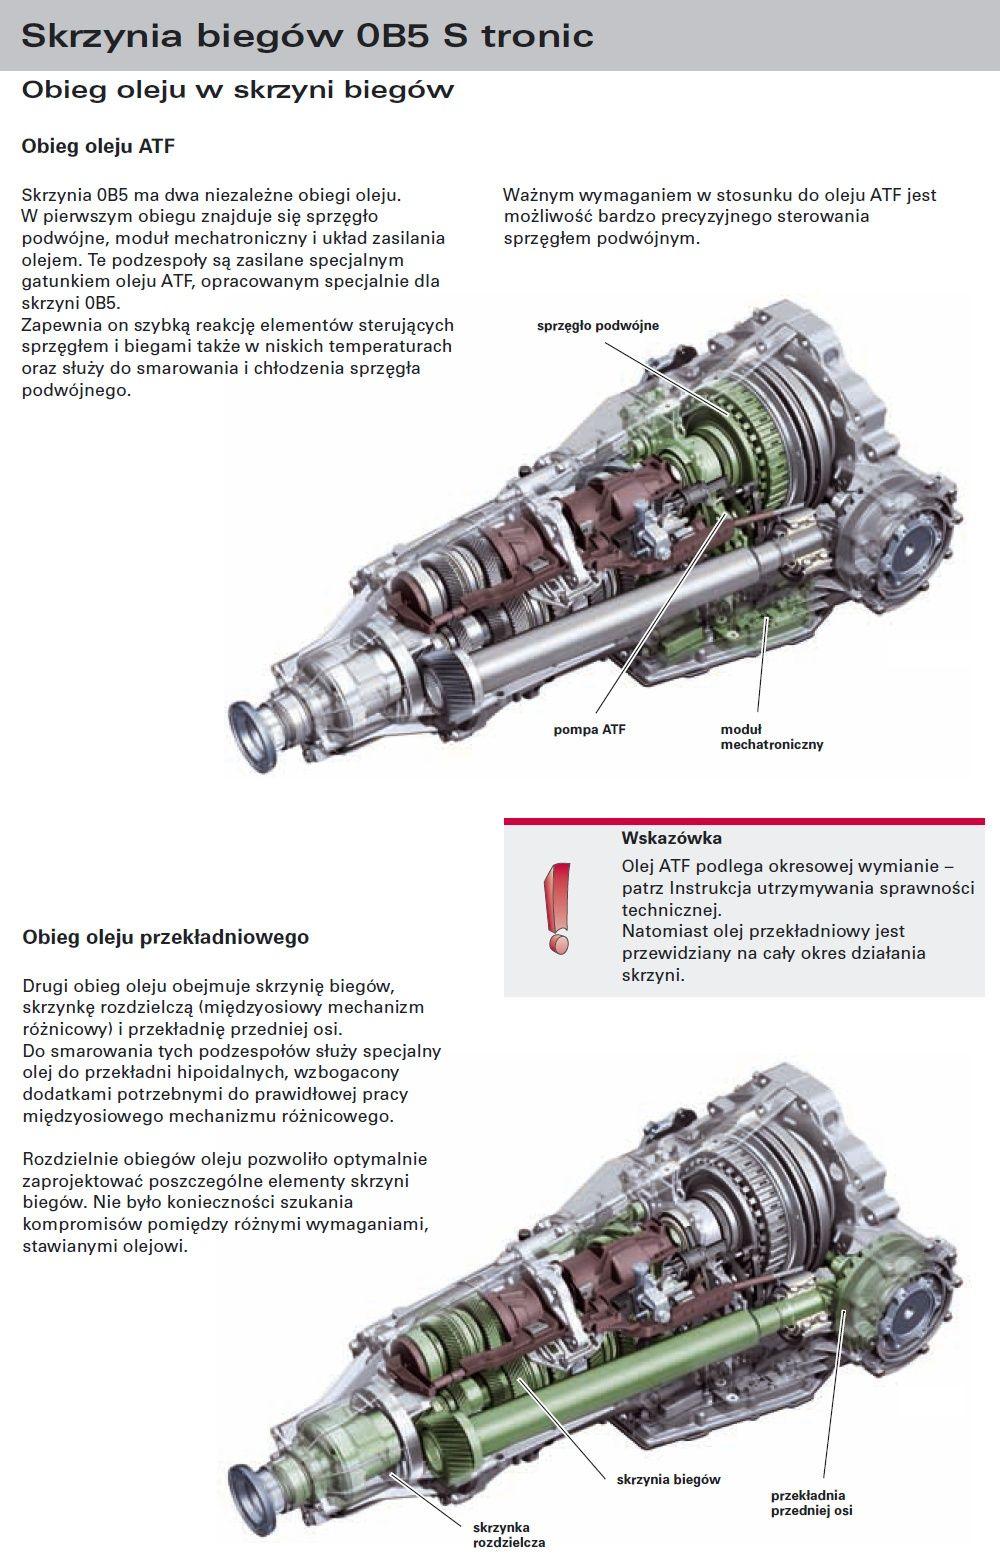 Obiegi oleju7 S-tronic Audi DSG quattro